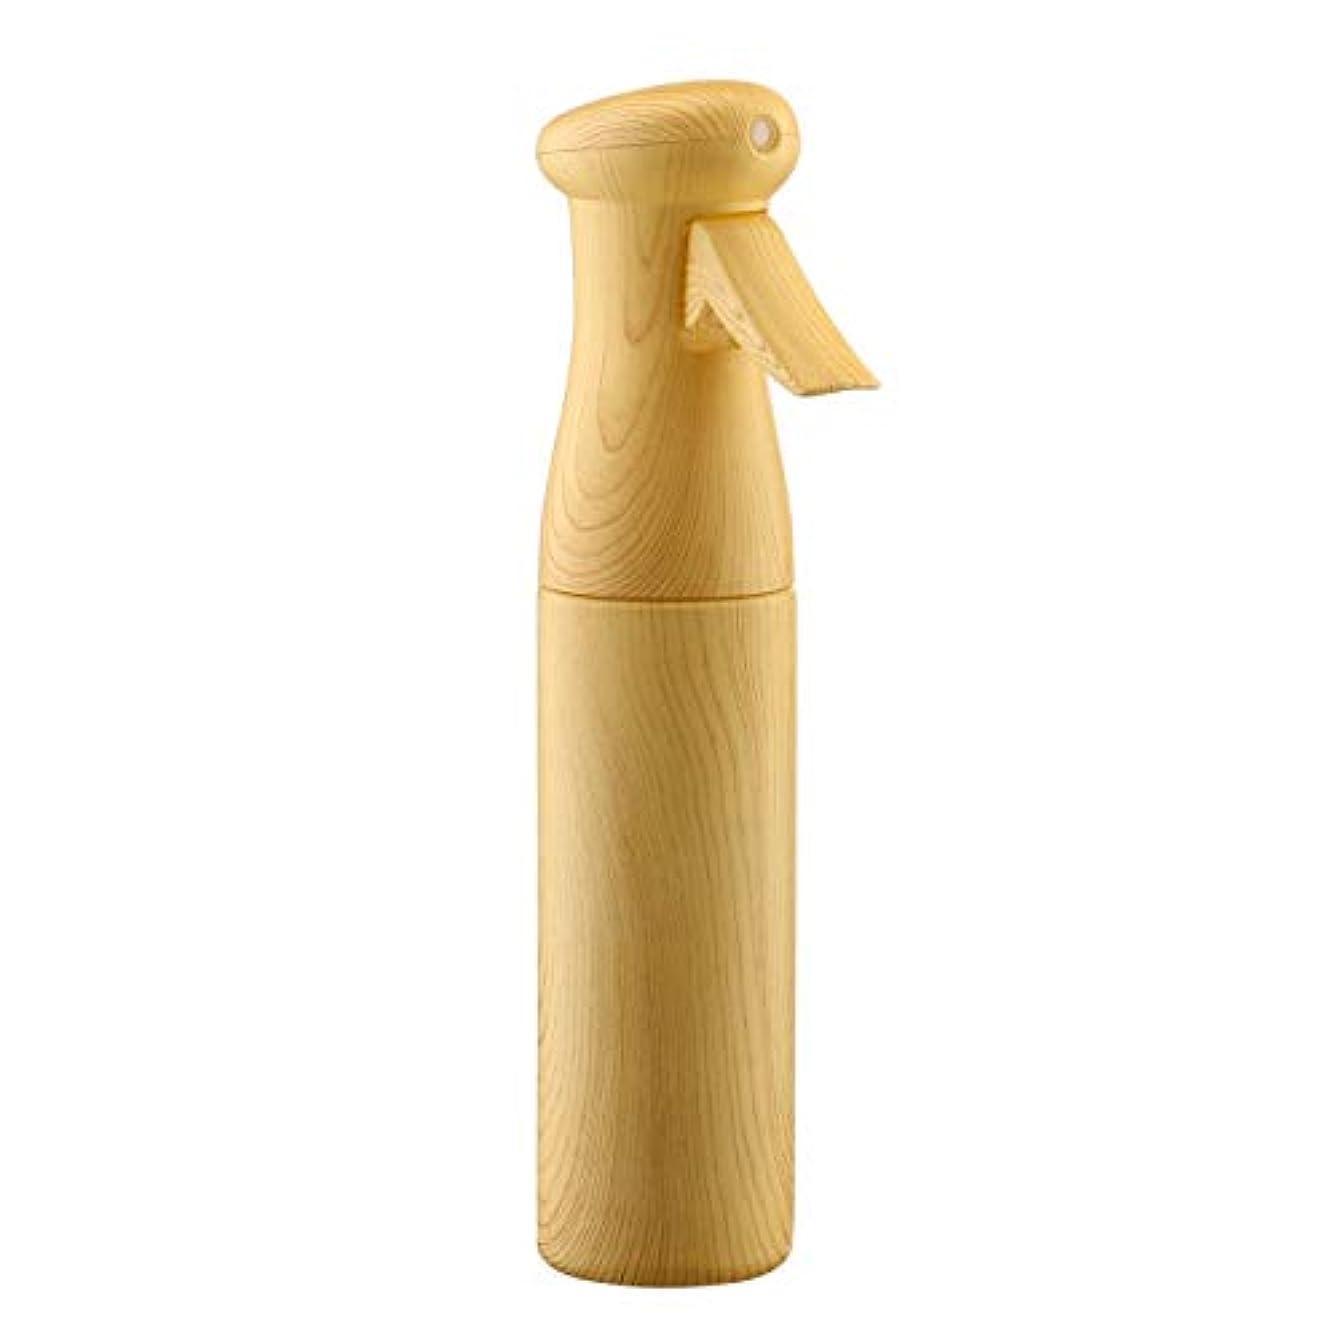 単位眠っているパシフィックCHIC DIARY スプレーボトル ミストスプレー 極細のミストを噴霧する 美容スプレーナー 霧吹き サロン 理髪 美髪 美容用 植物に水やり 花植えツール 250ml (イエロー)